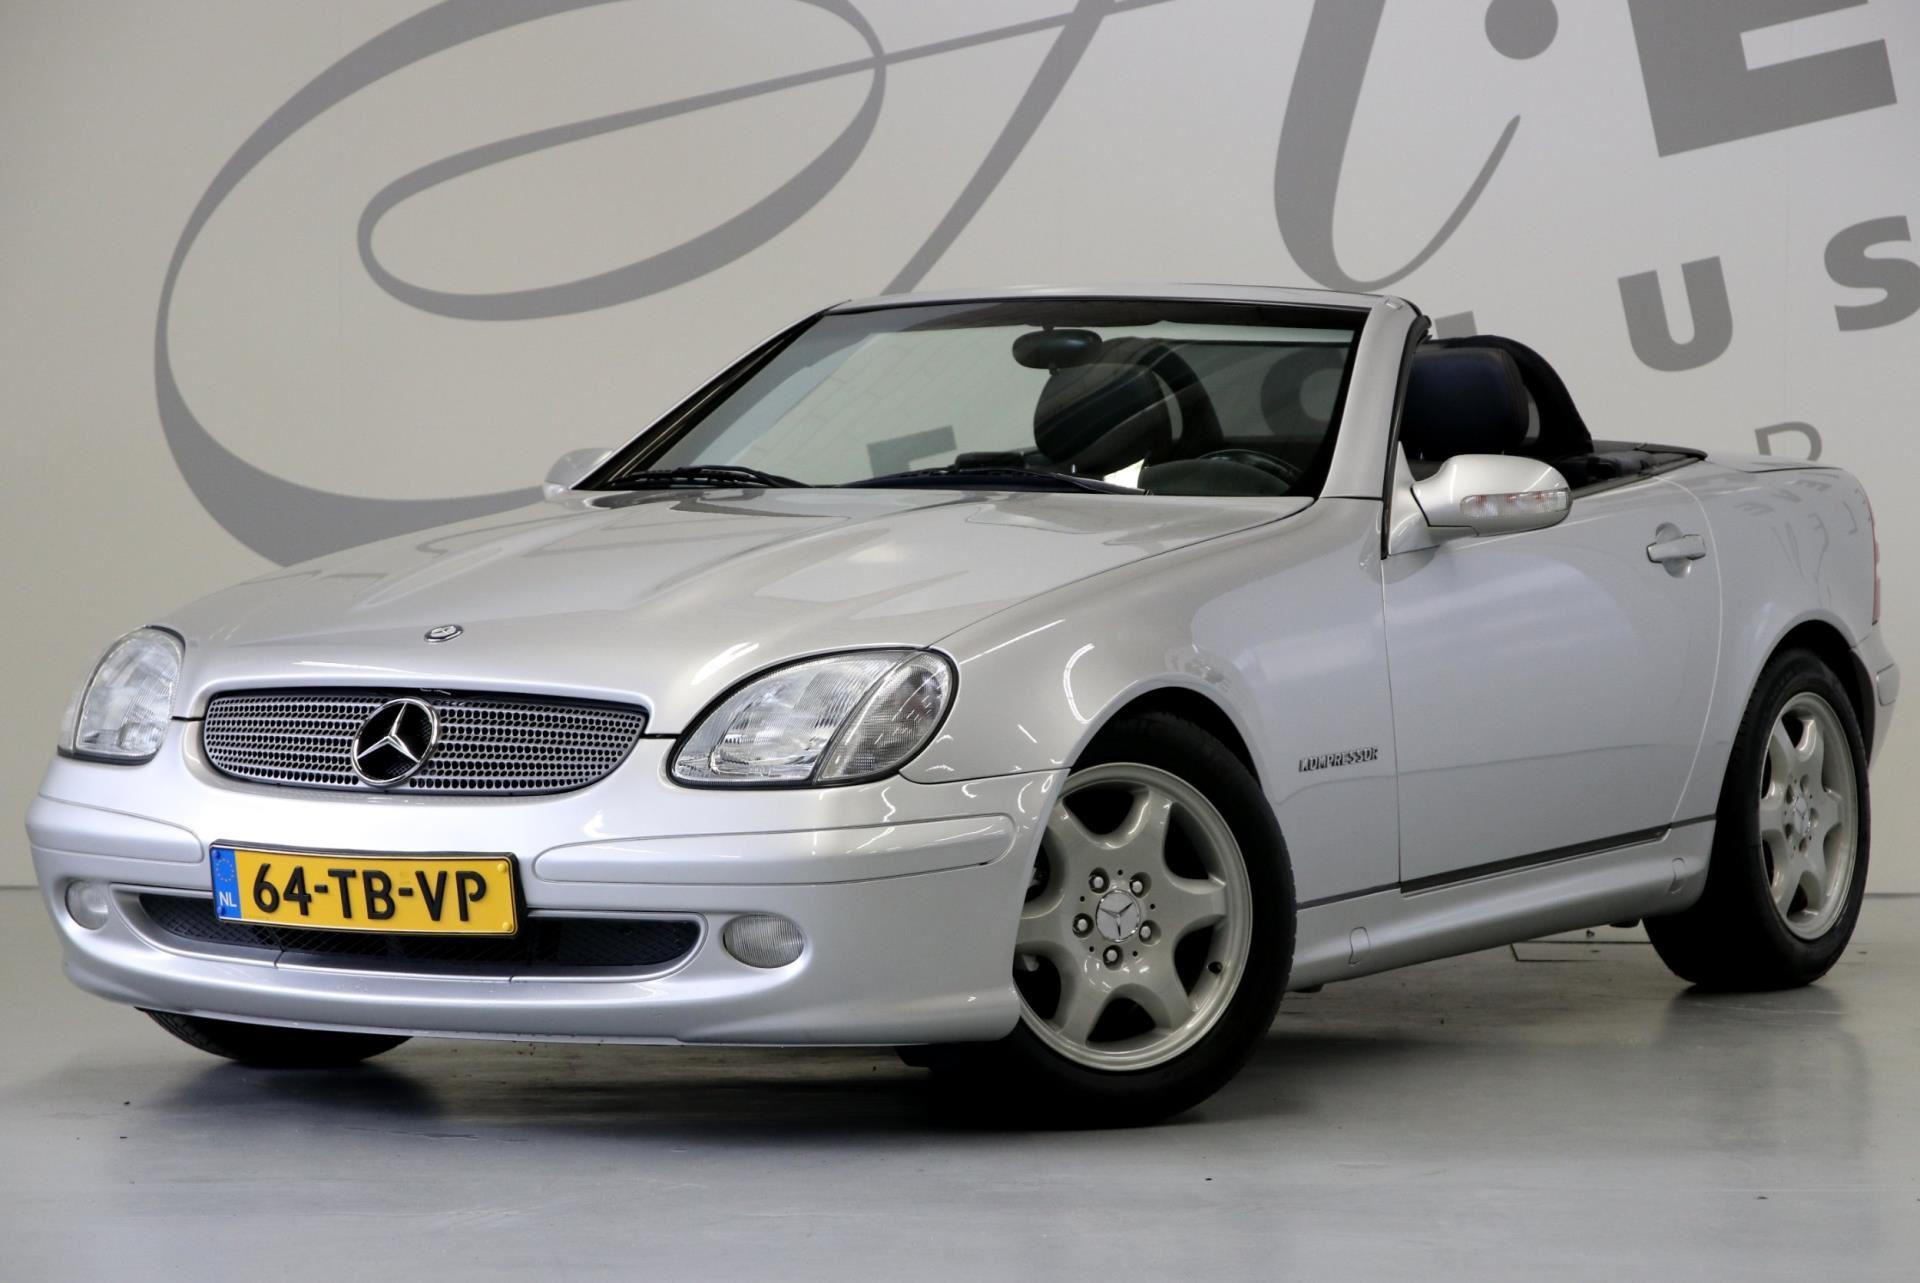 Mercedes-Benz SLK-klasse occasion - Aeen Exclusieve Automobielen